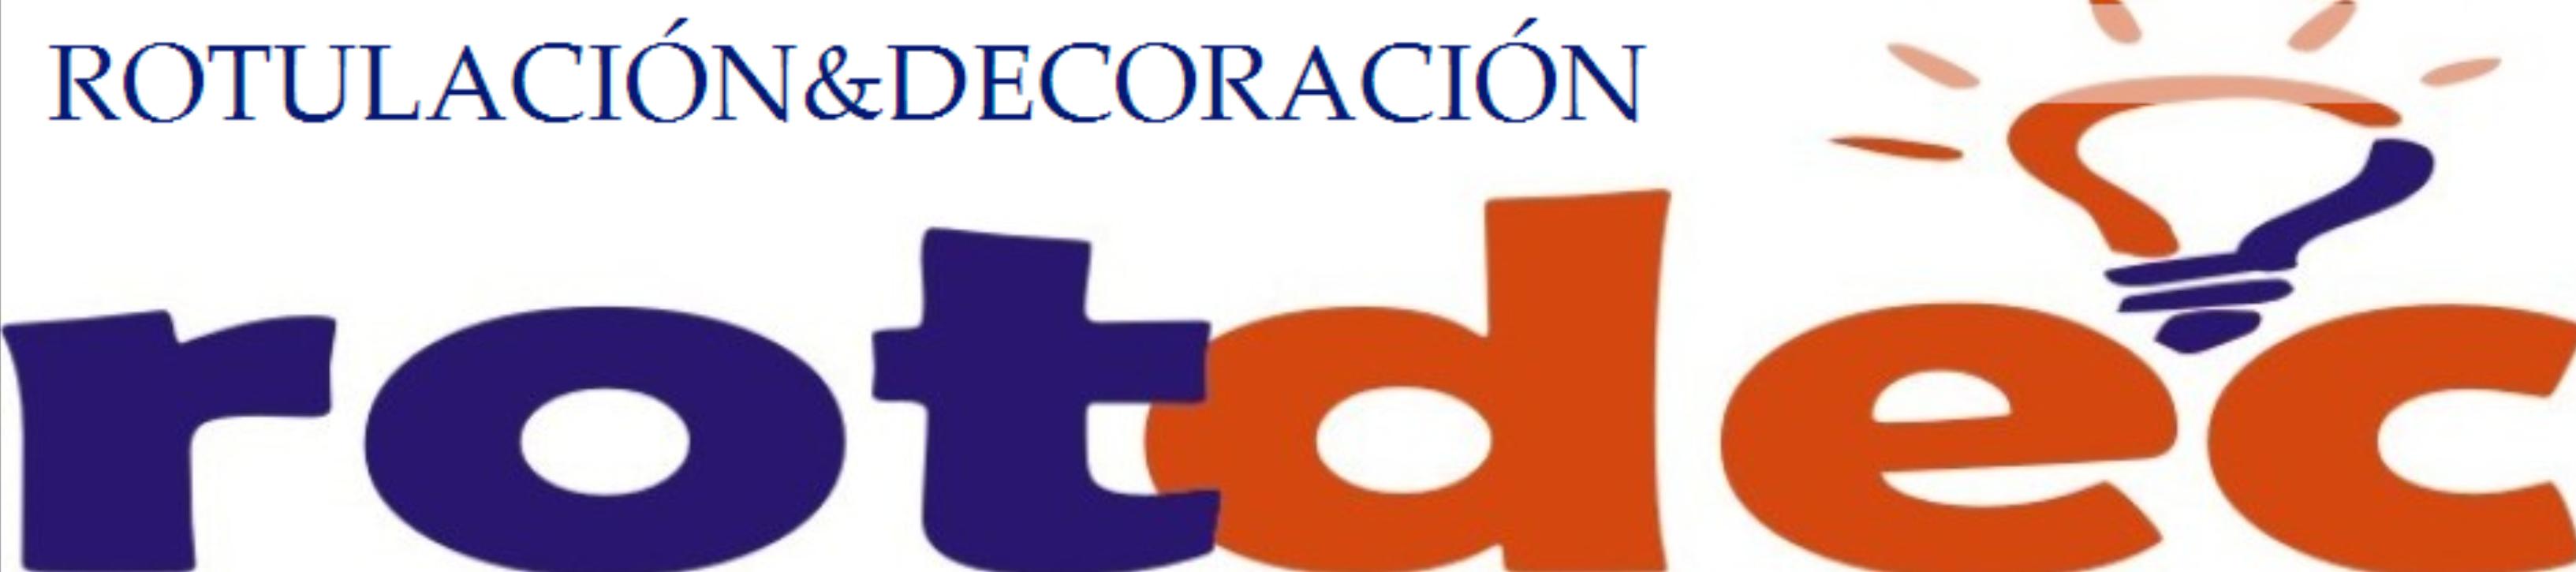 Rotulación y Decoración Rotdec